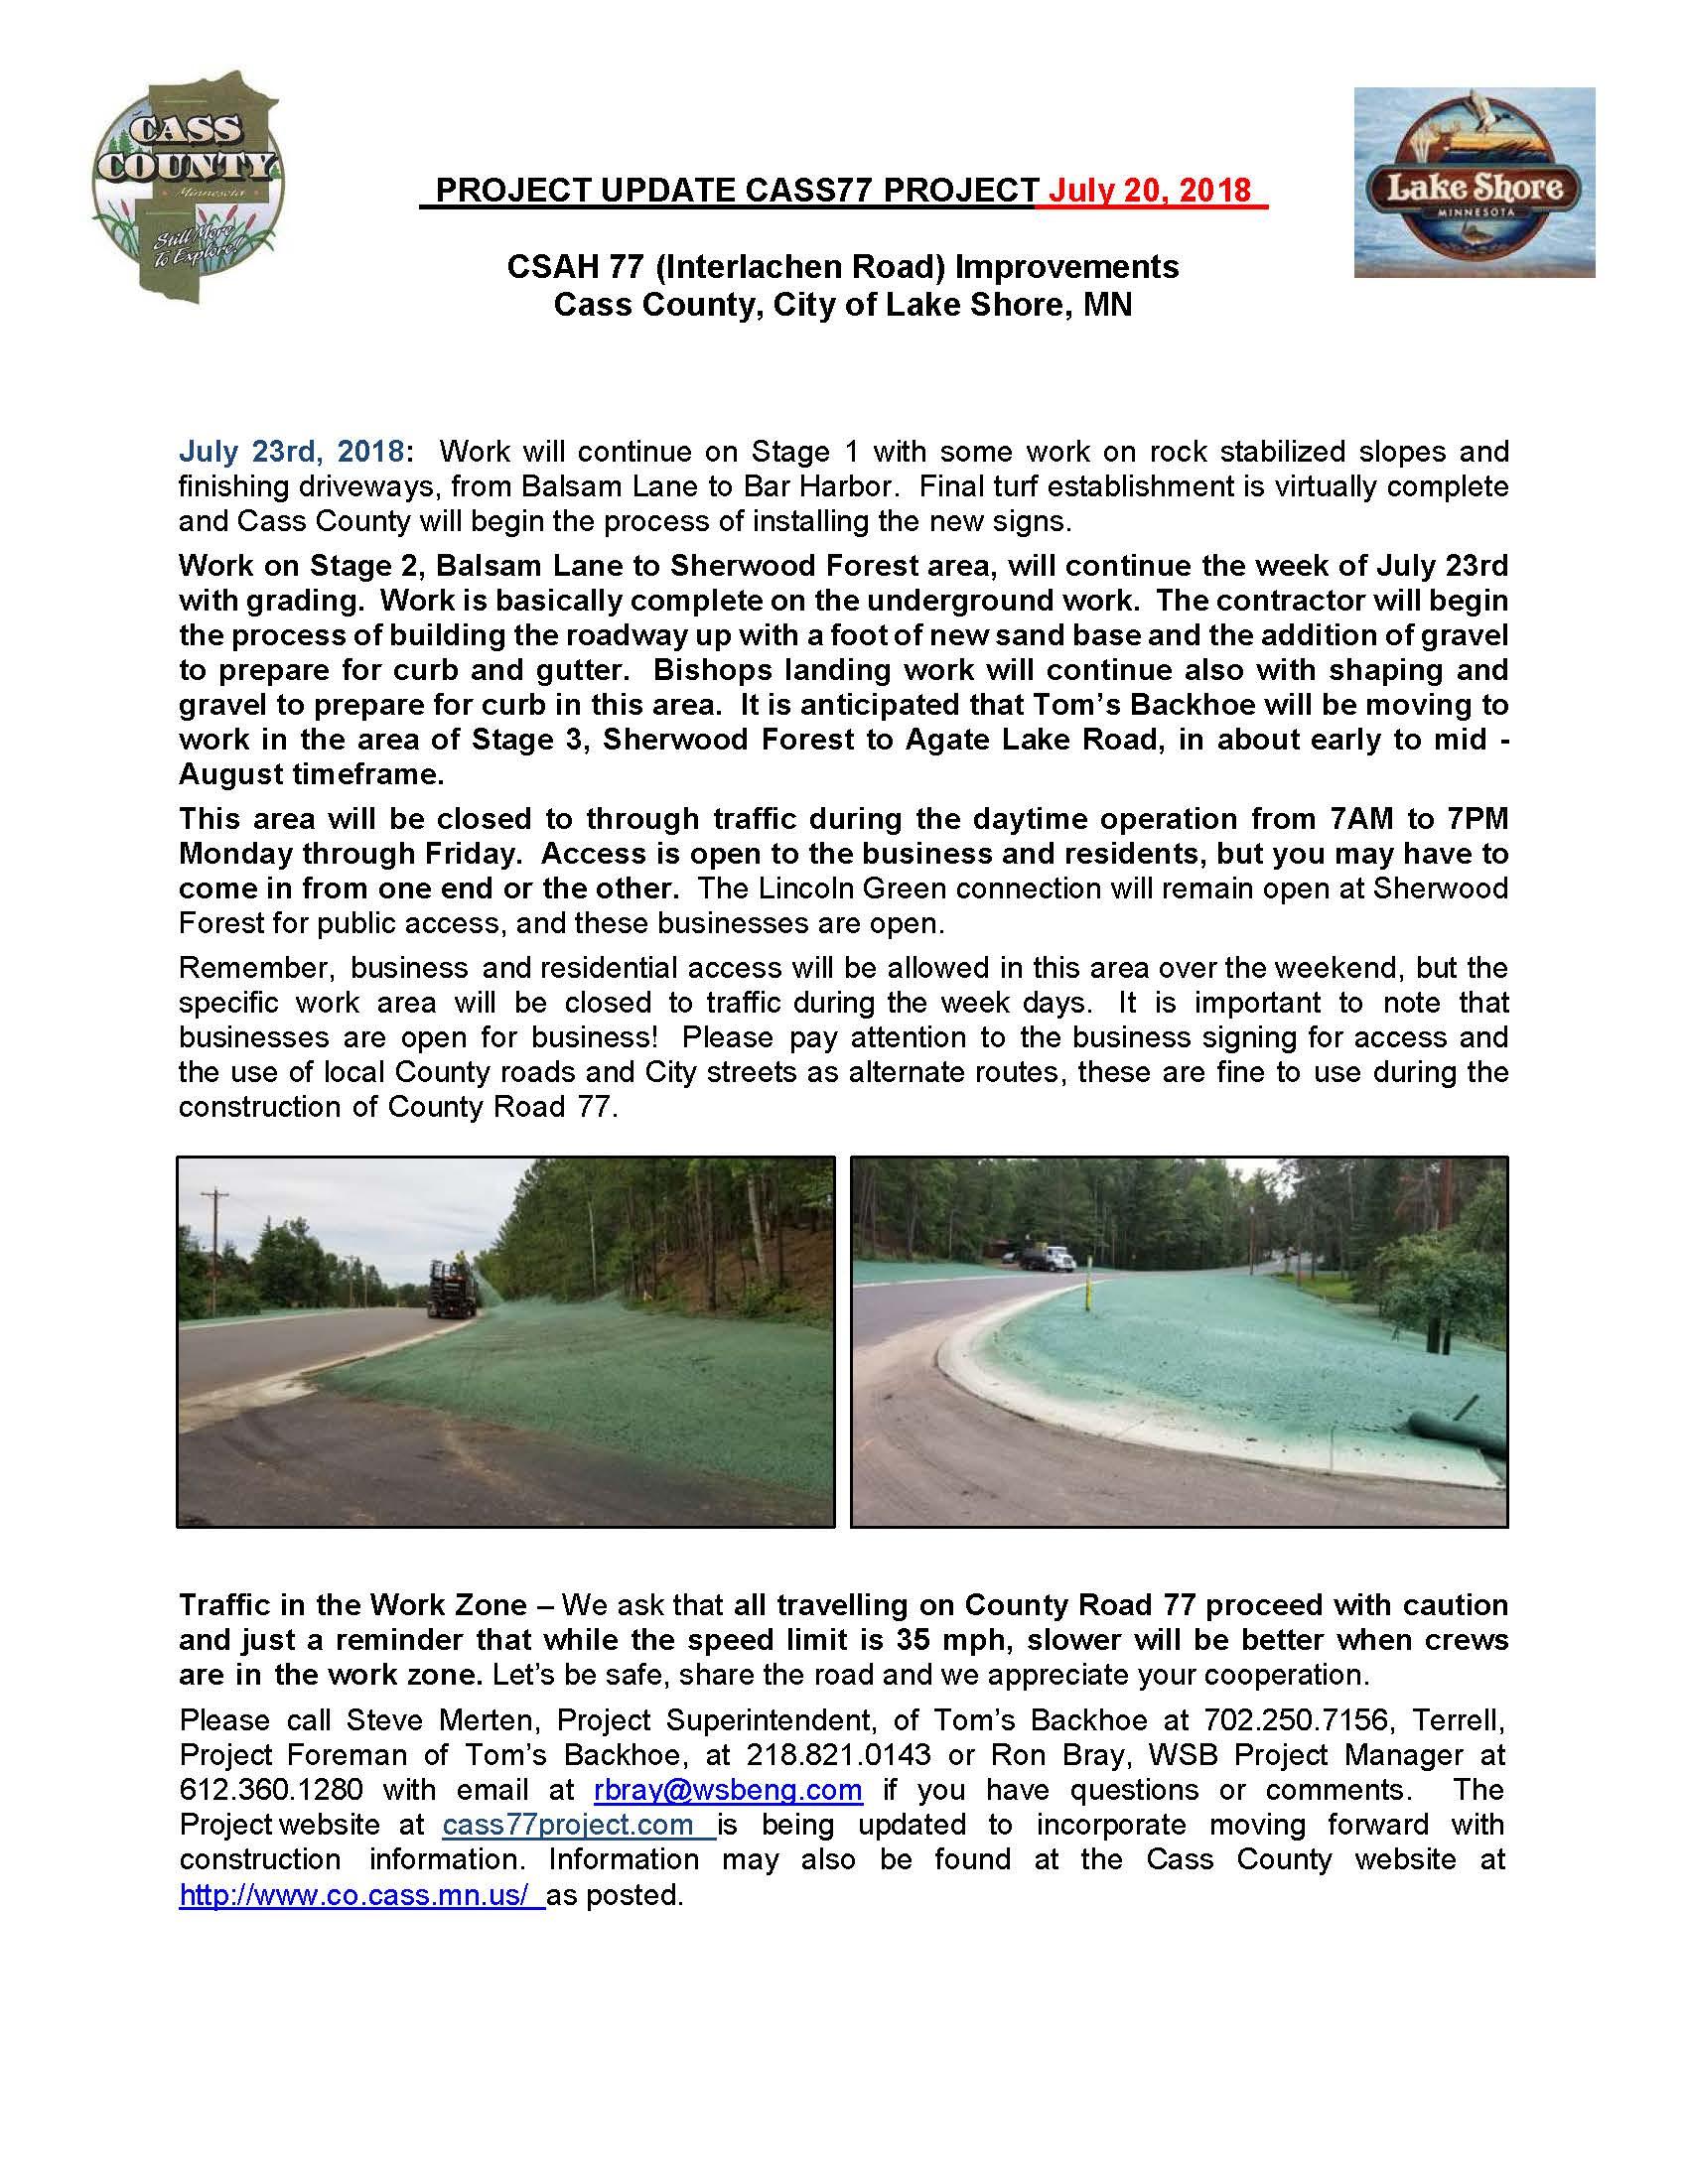 Cass County CSAH 77 Project update July 20 2018.jpg